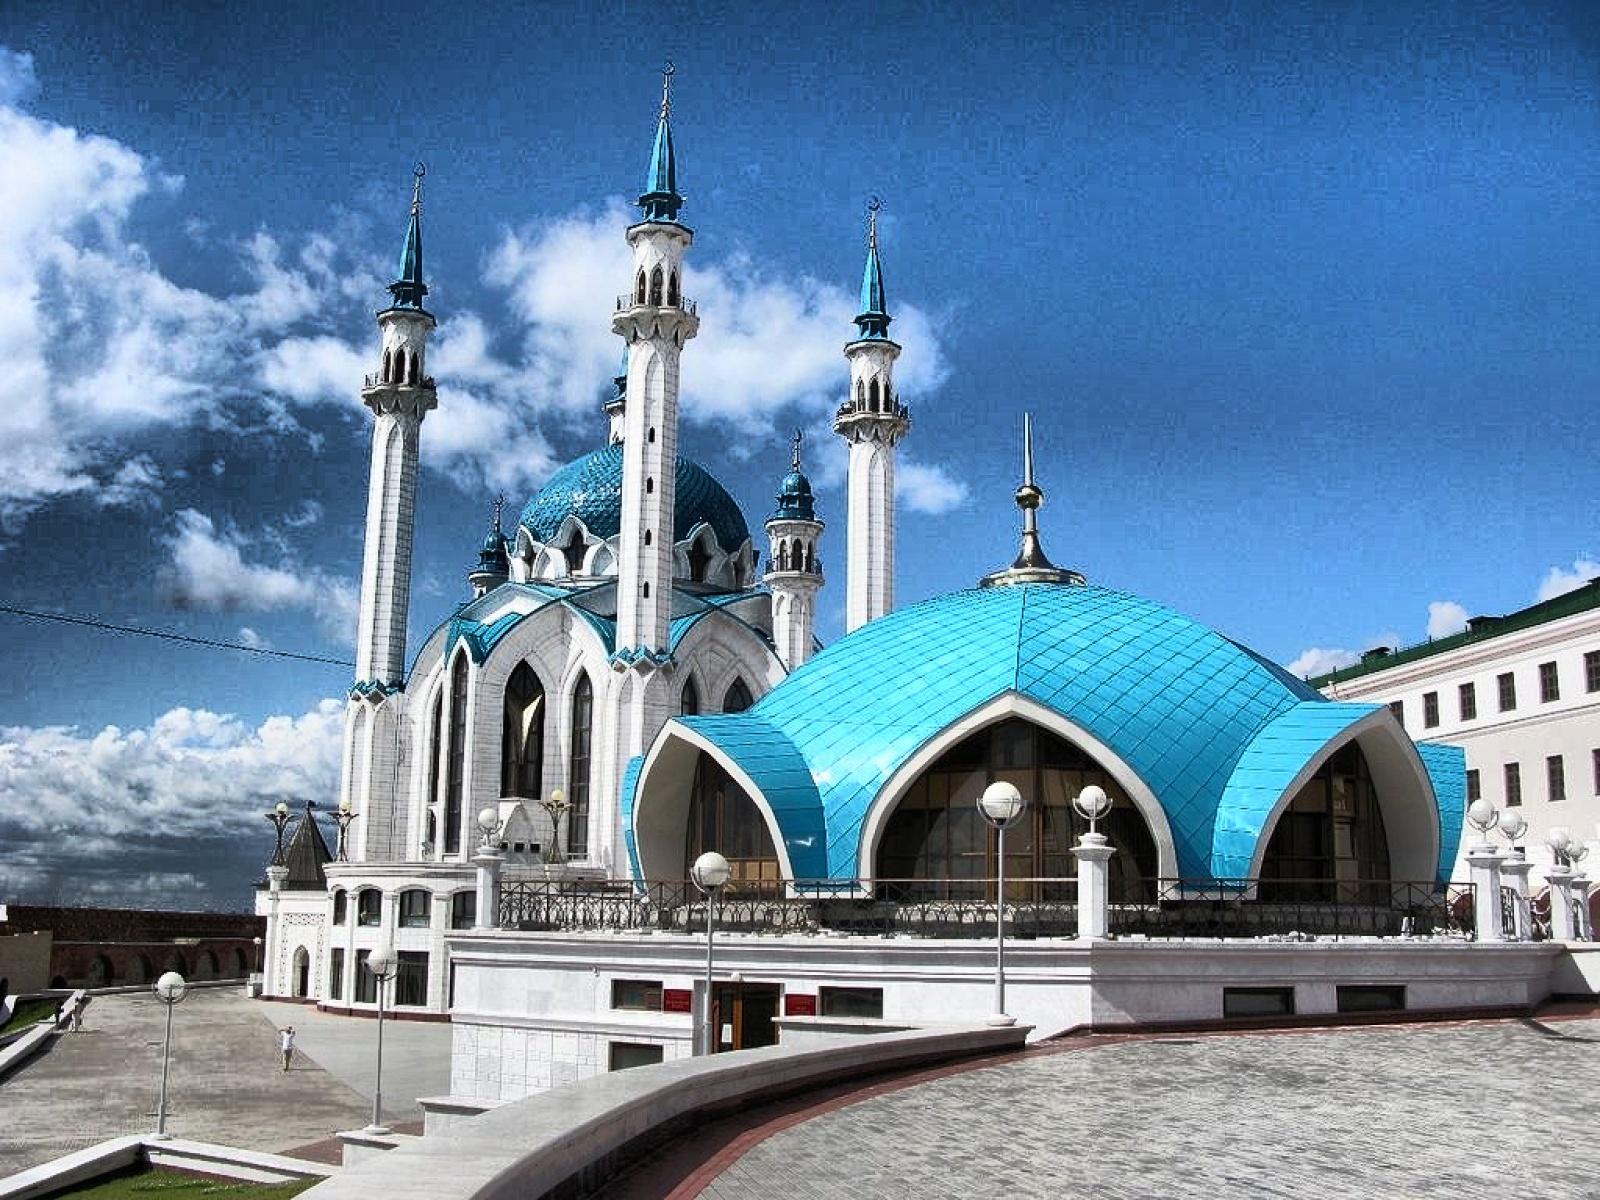 Daftar Wallpaper 3D Masjid  Download Kumpulan Wallpaper Juventus